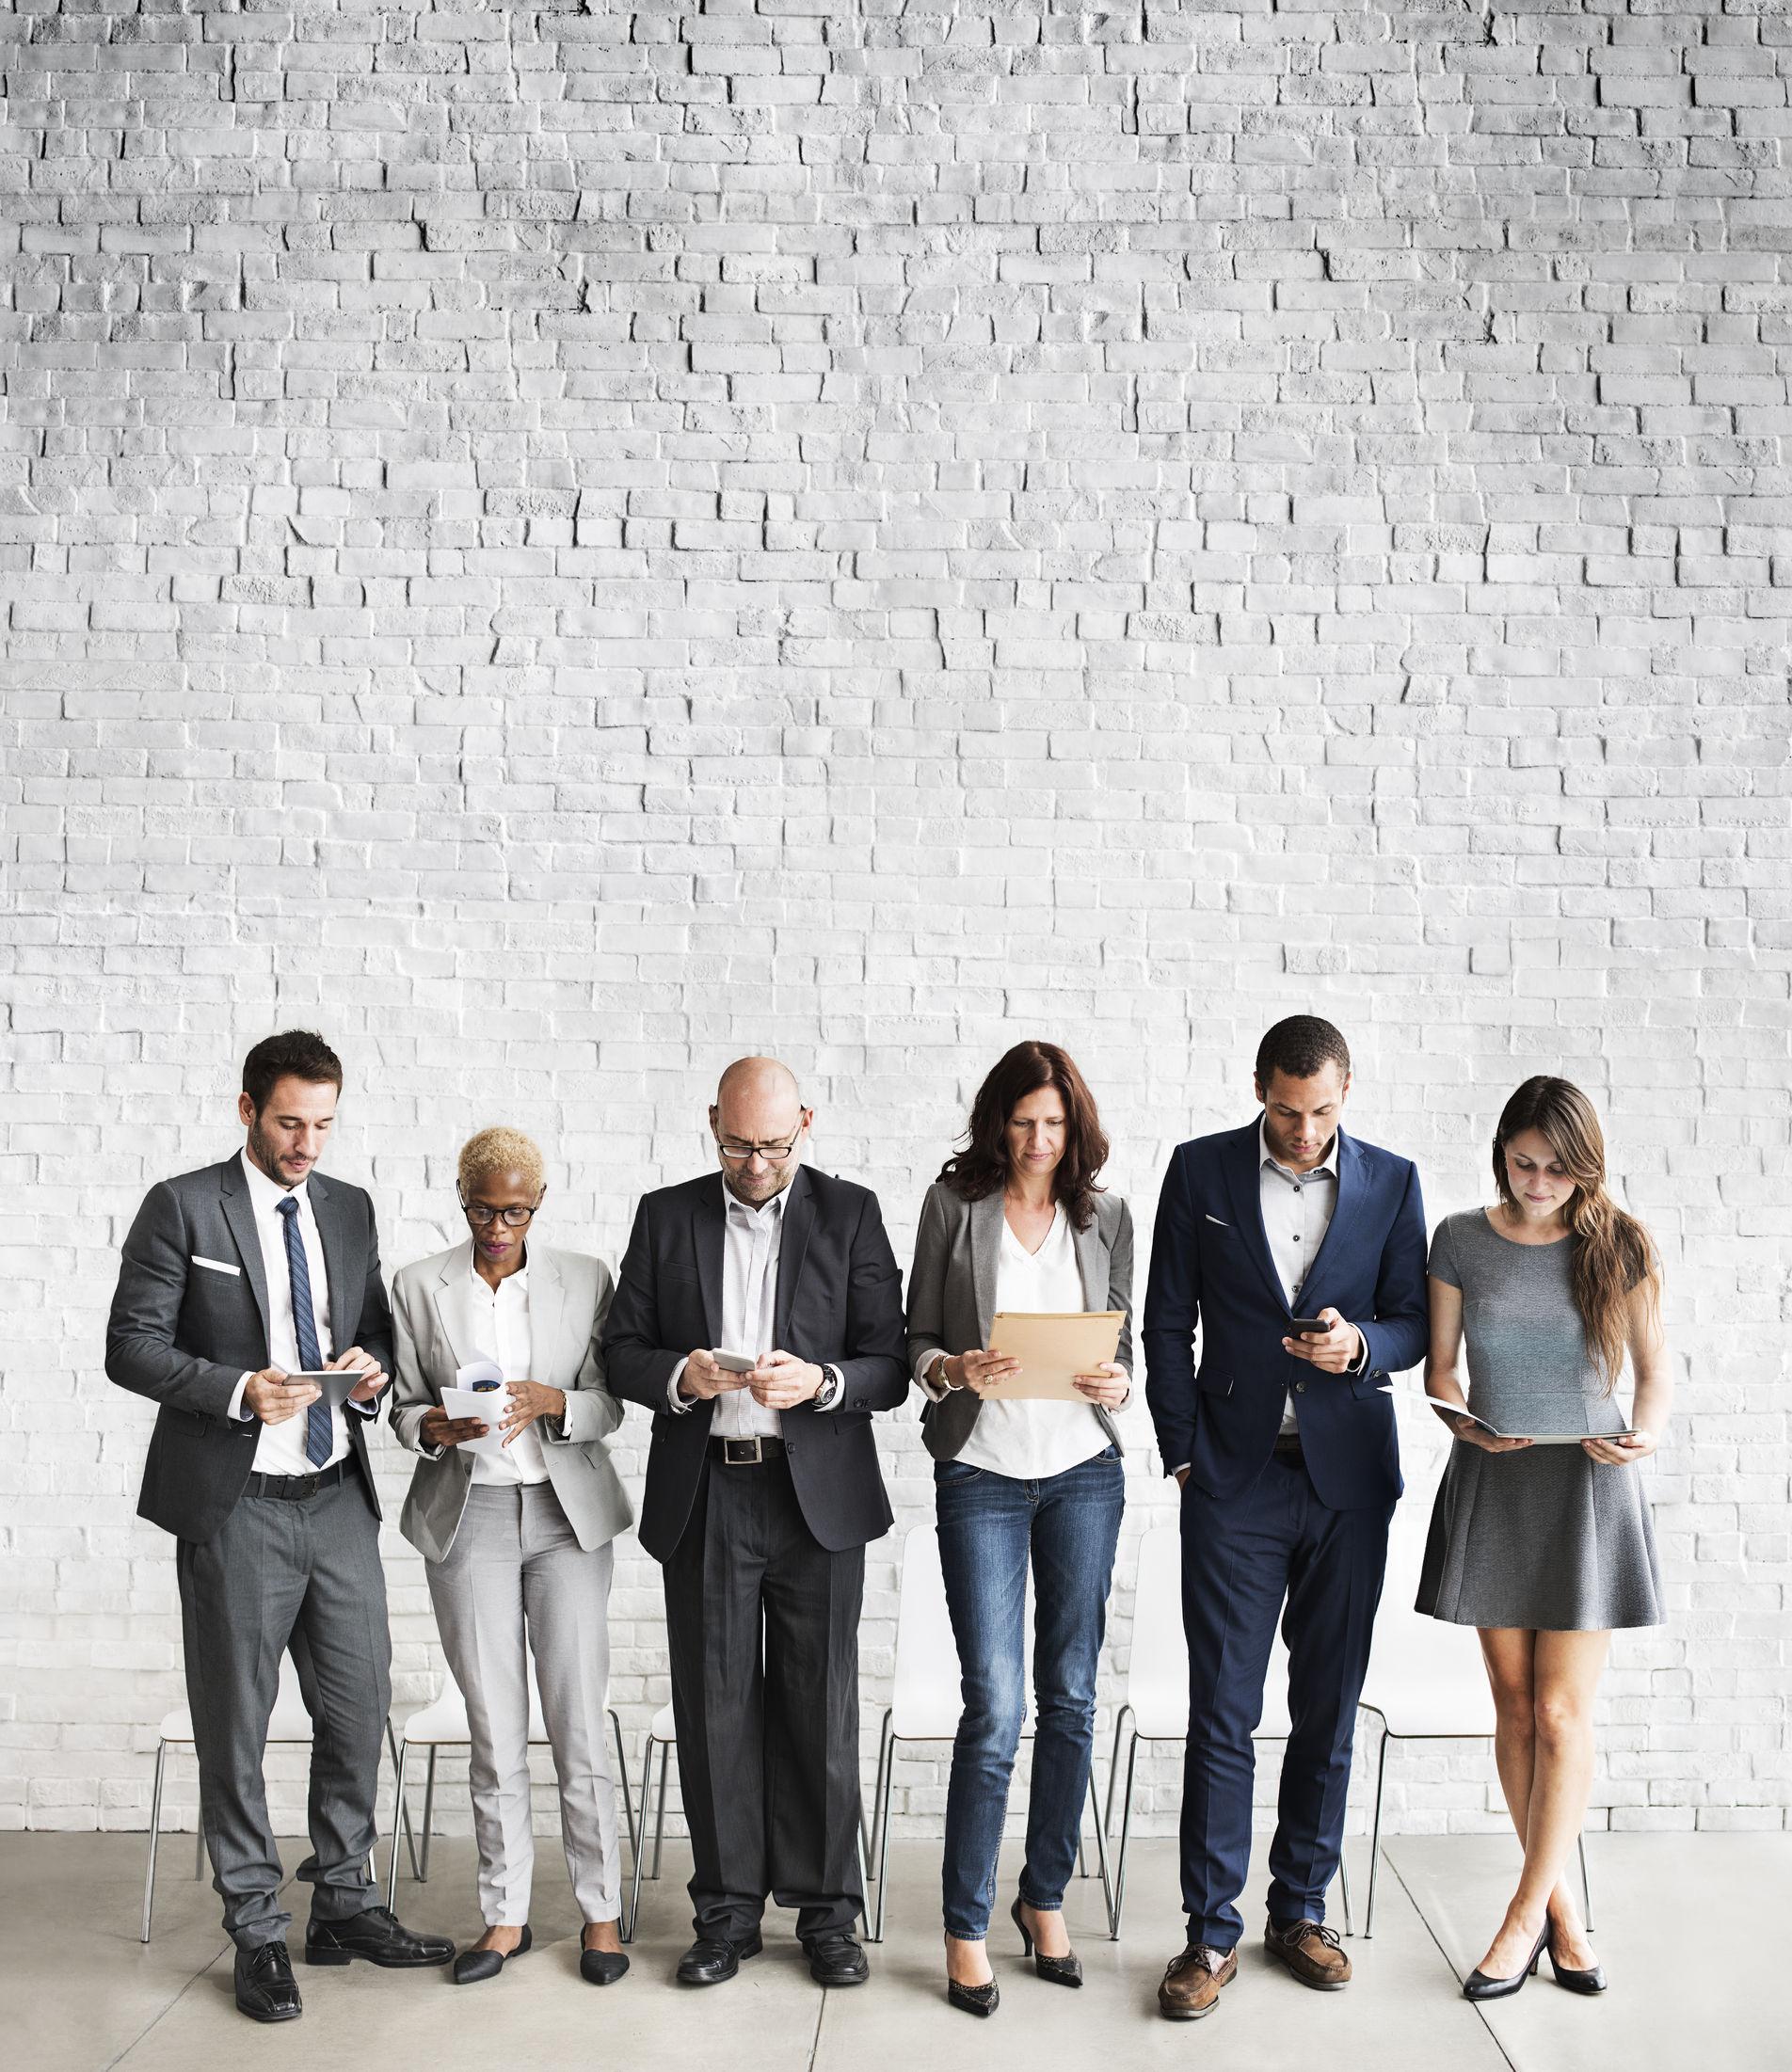 Hr Interview Recruitment Job Concept International